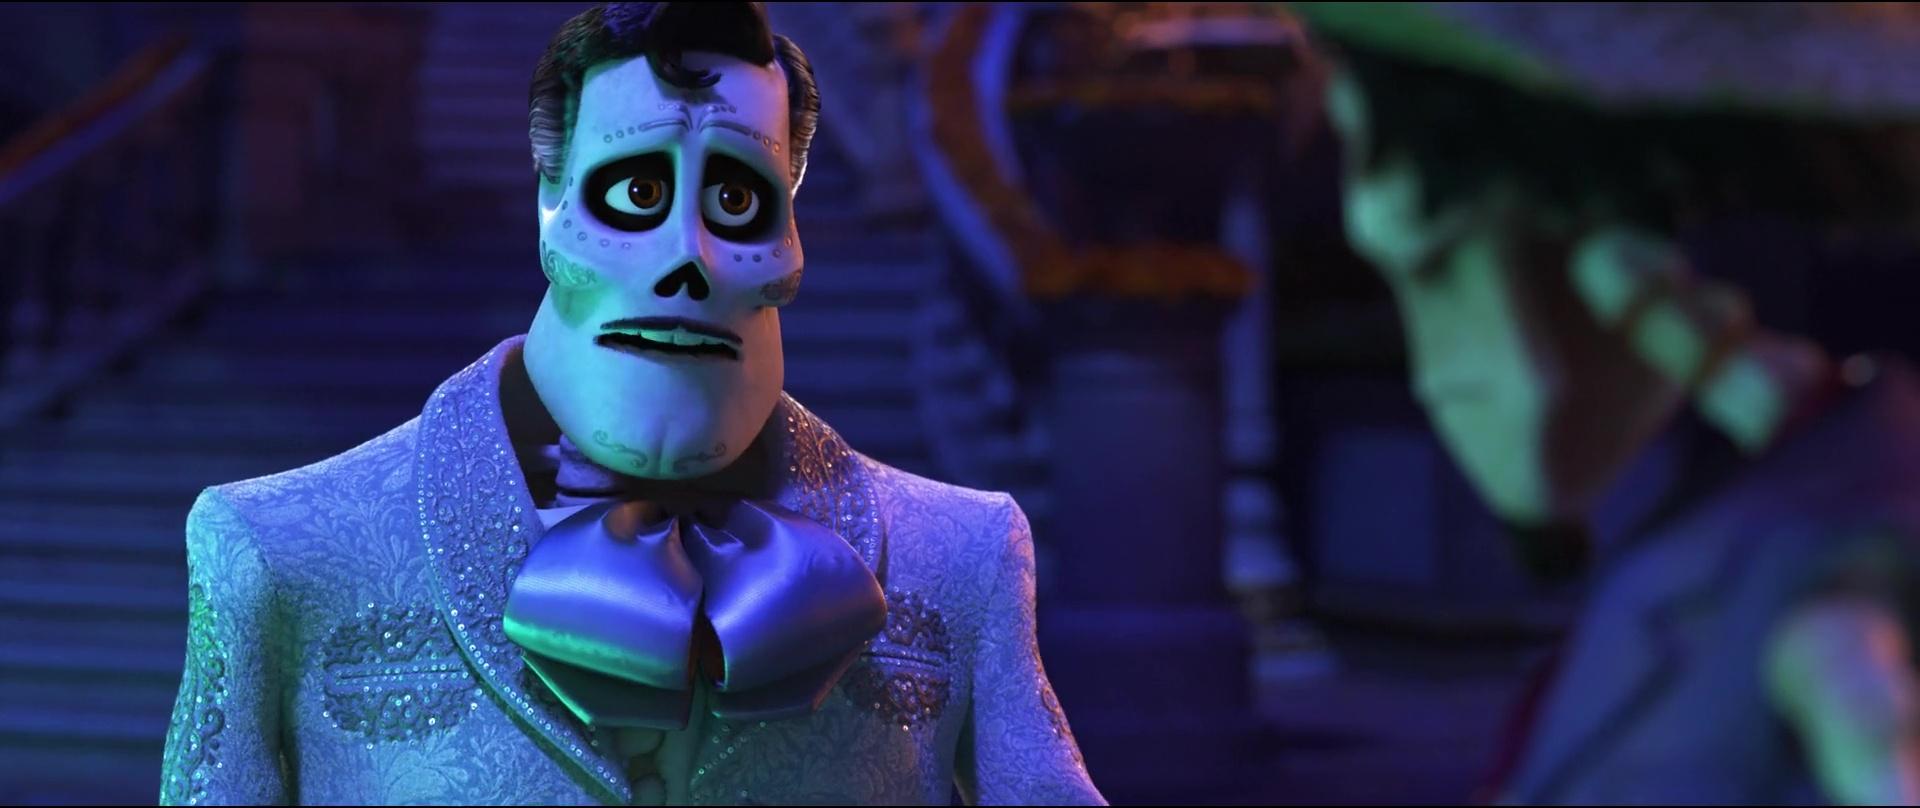 ernesto de la cruz personnage character coco disney pixar